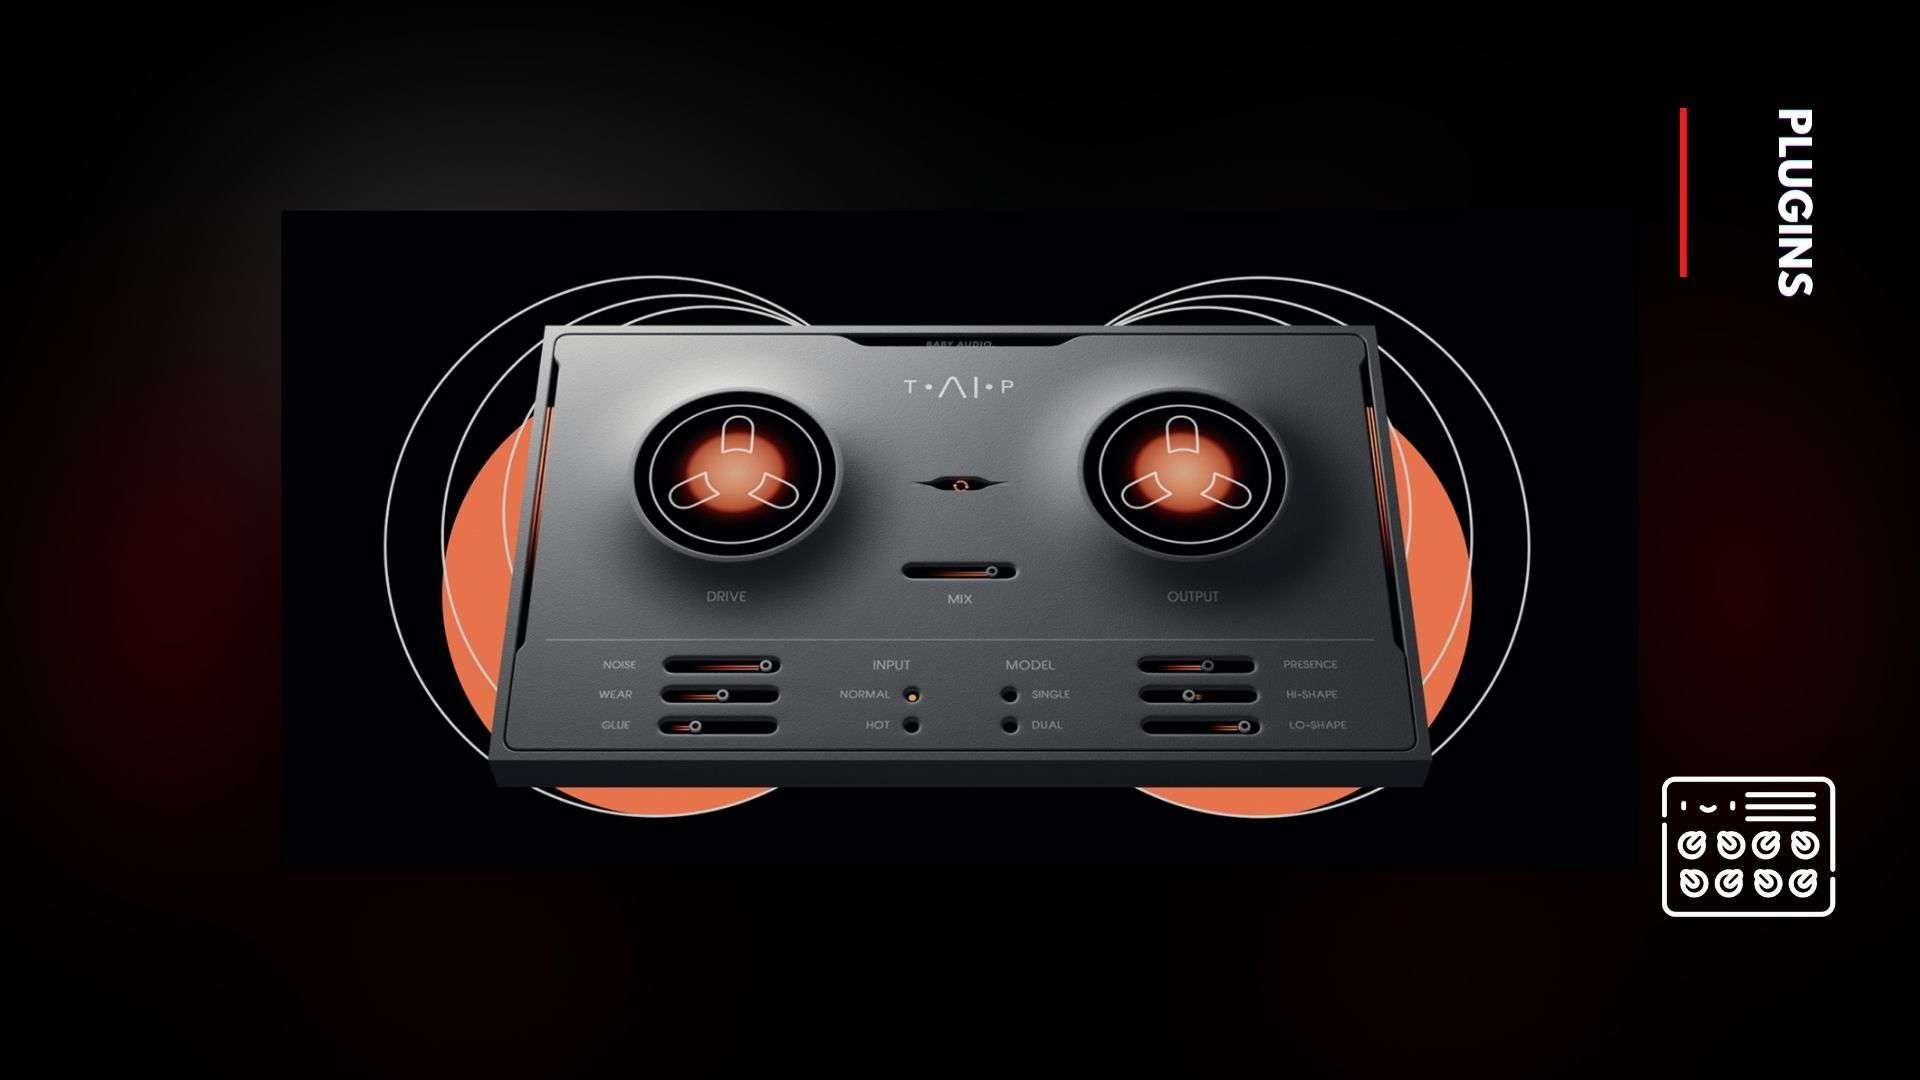 baby audio taip - tape emulation plugin